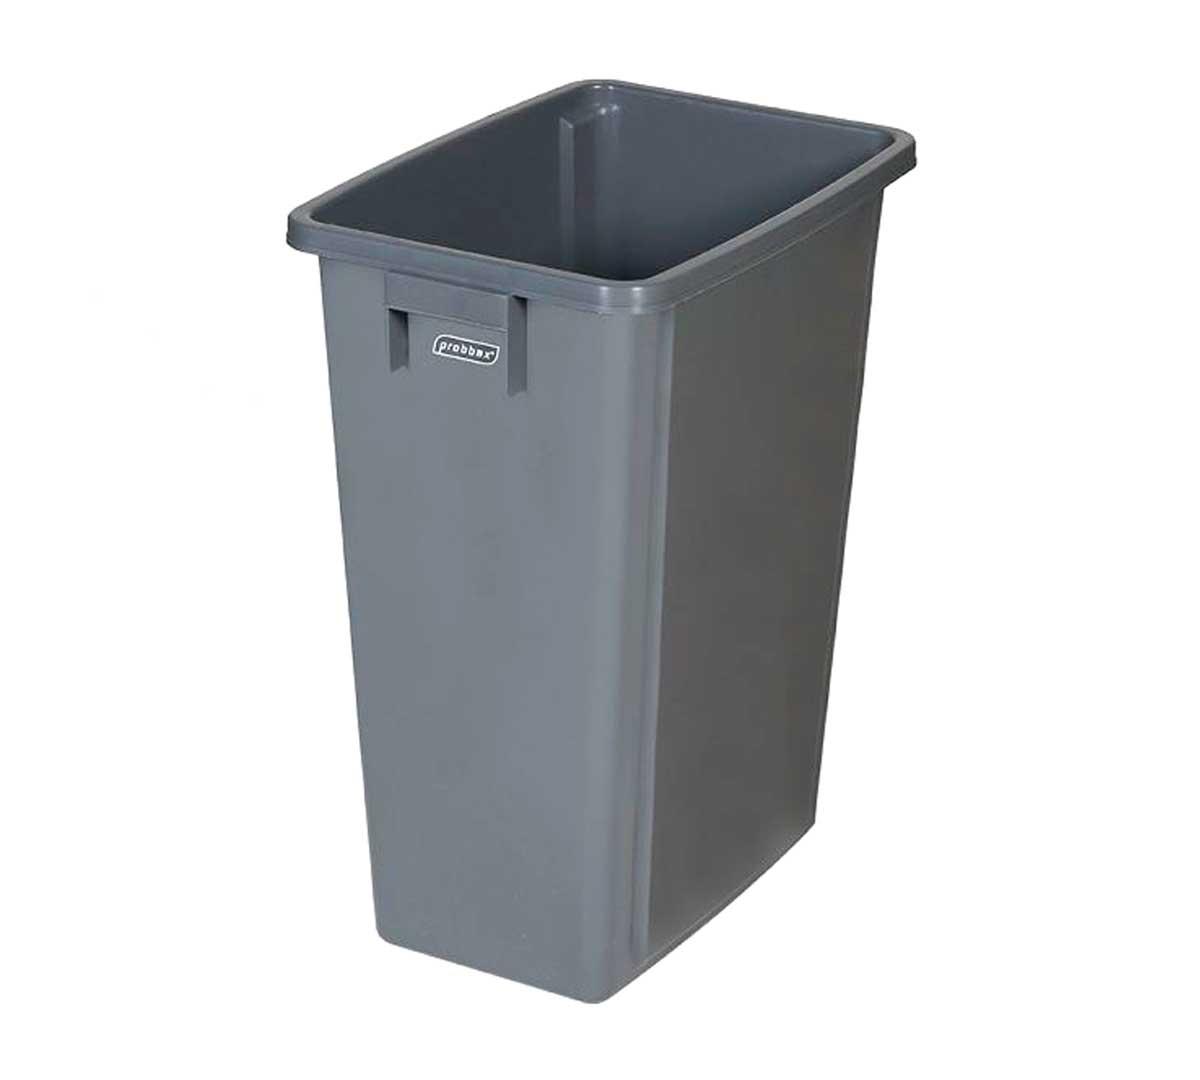 Cubo reciclaje pb de cambro - Cubos reciclaje cocina ...